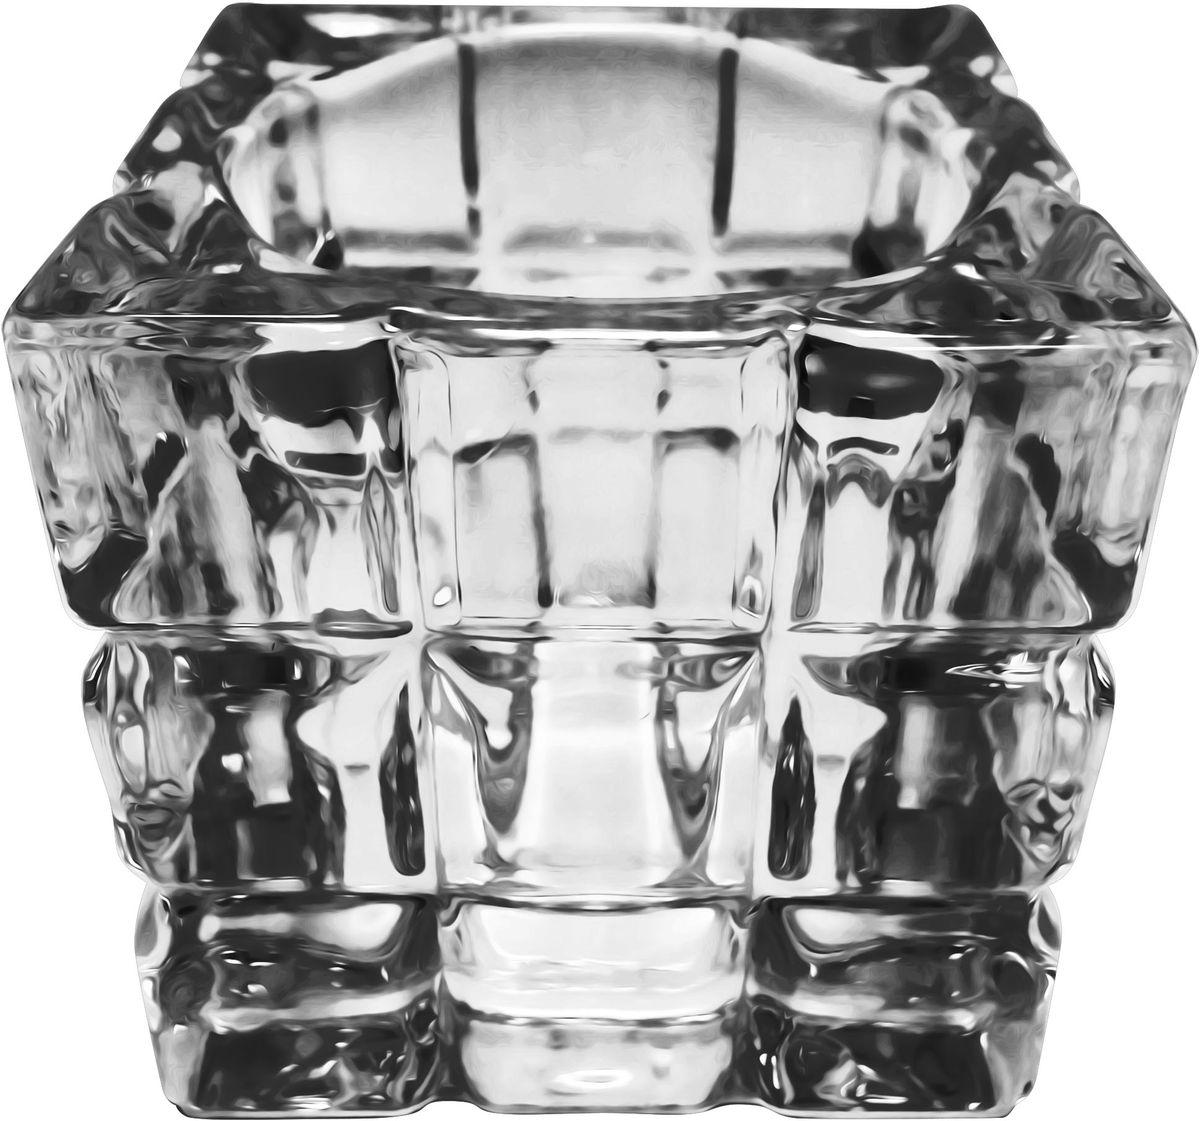 Подсвечник для чайной свечи Bolsius, 6,5 х 6,5 см103626941585Подсвечник Bolsius, выполненный из стекла, станет отличным украшением интерьера. Мерцание свечи в таком подсвечнике создаст атмосферу романтики и уюта. Благодаря изысканному дизайну, изделие сможет стать отличным подарком для ваших друзей и близких.